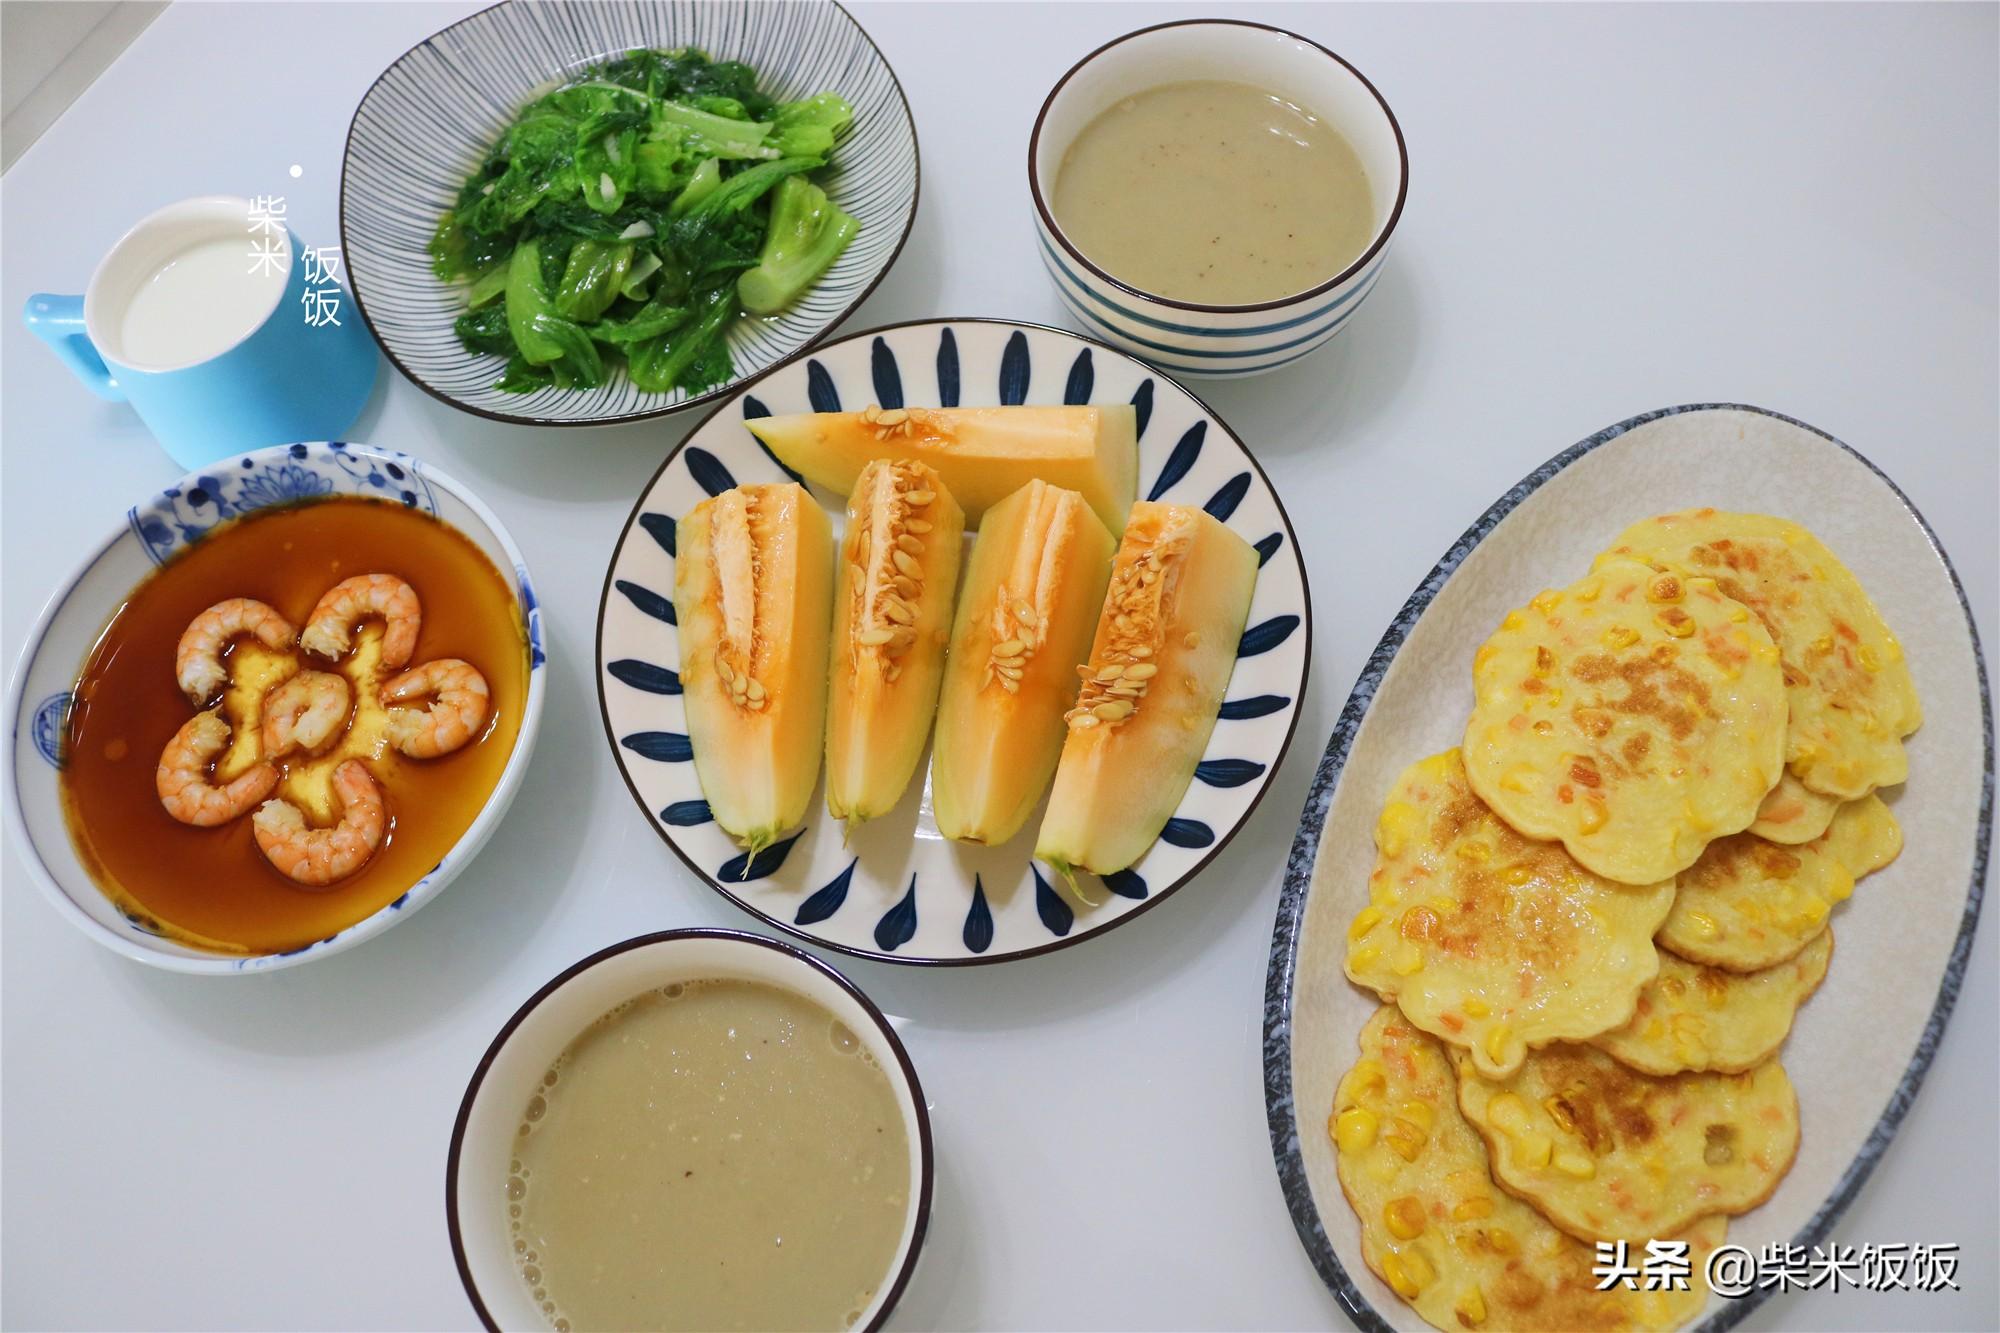 早餐就喜欢这样的,不需要起太早,做法简单,营养搭配又好吃 美食做法 第8张